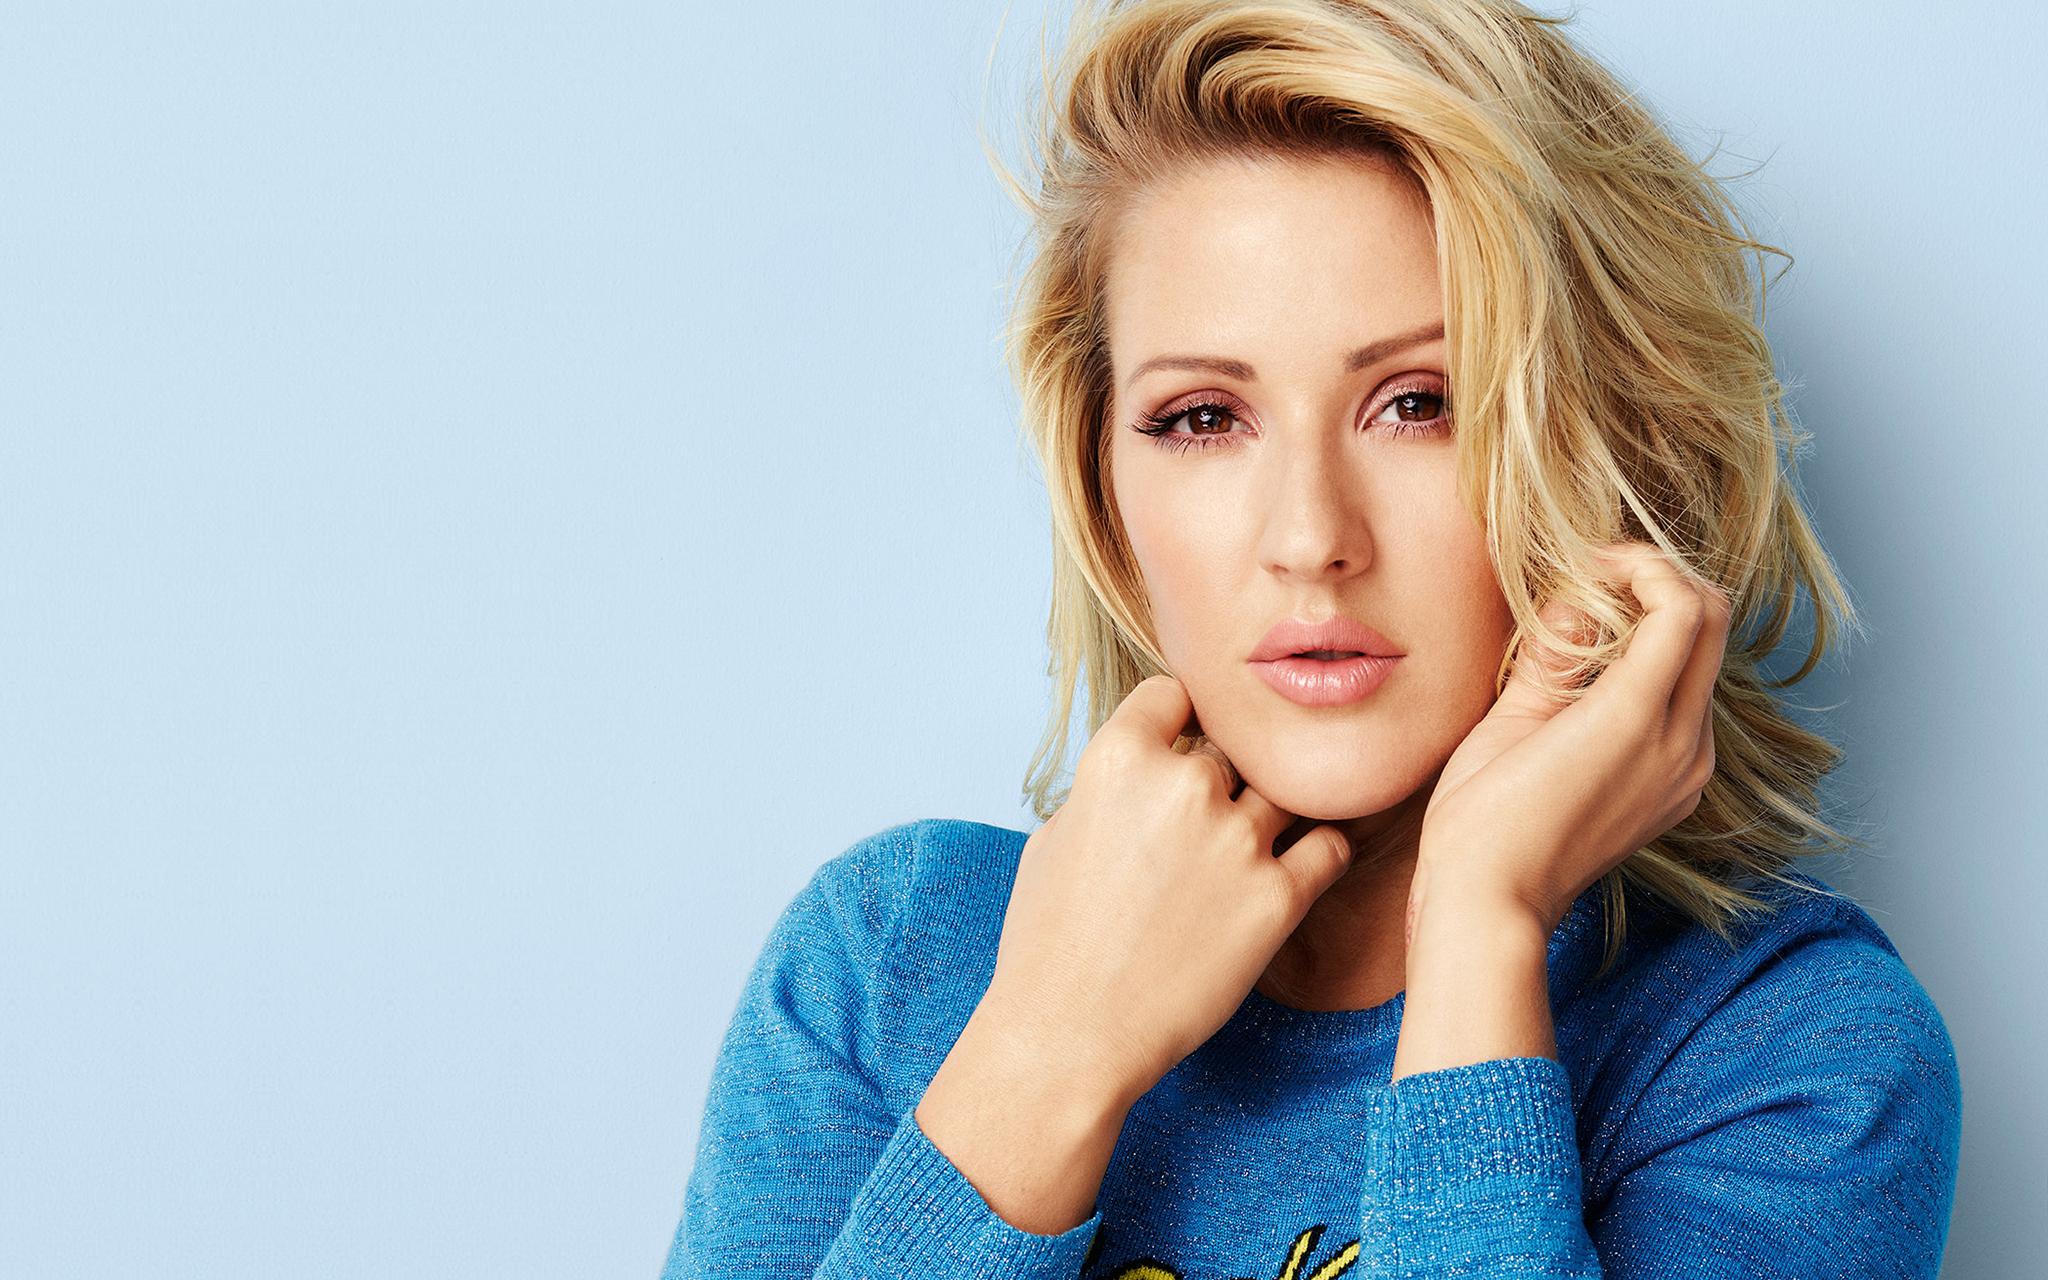 Ellie Goulding on Latest Write Your Story Lyrics